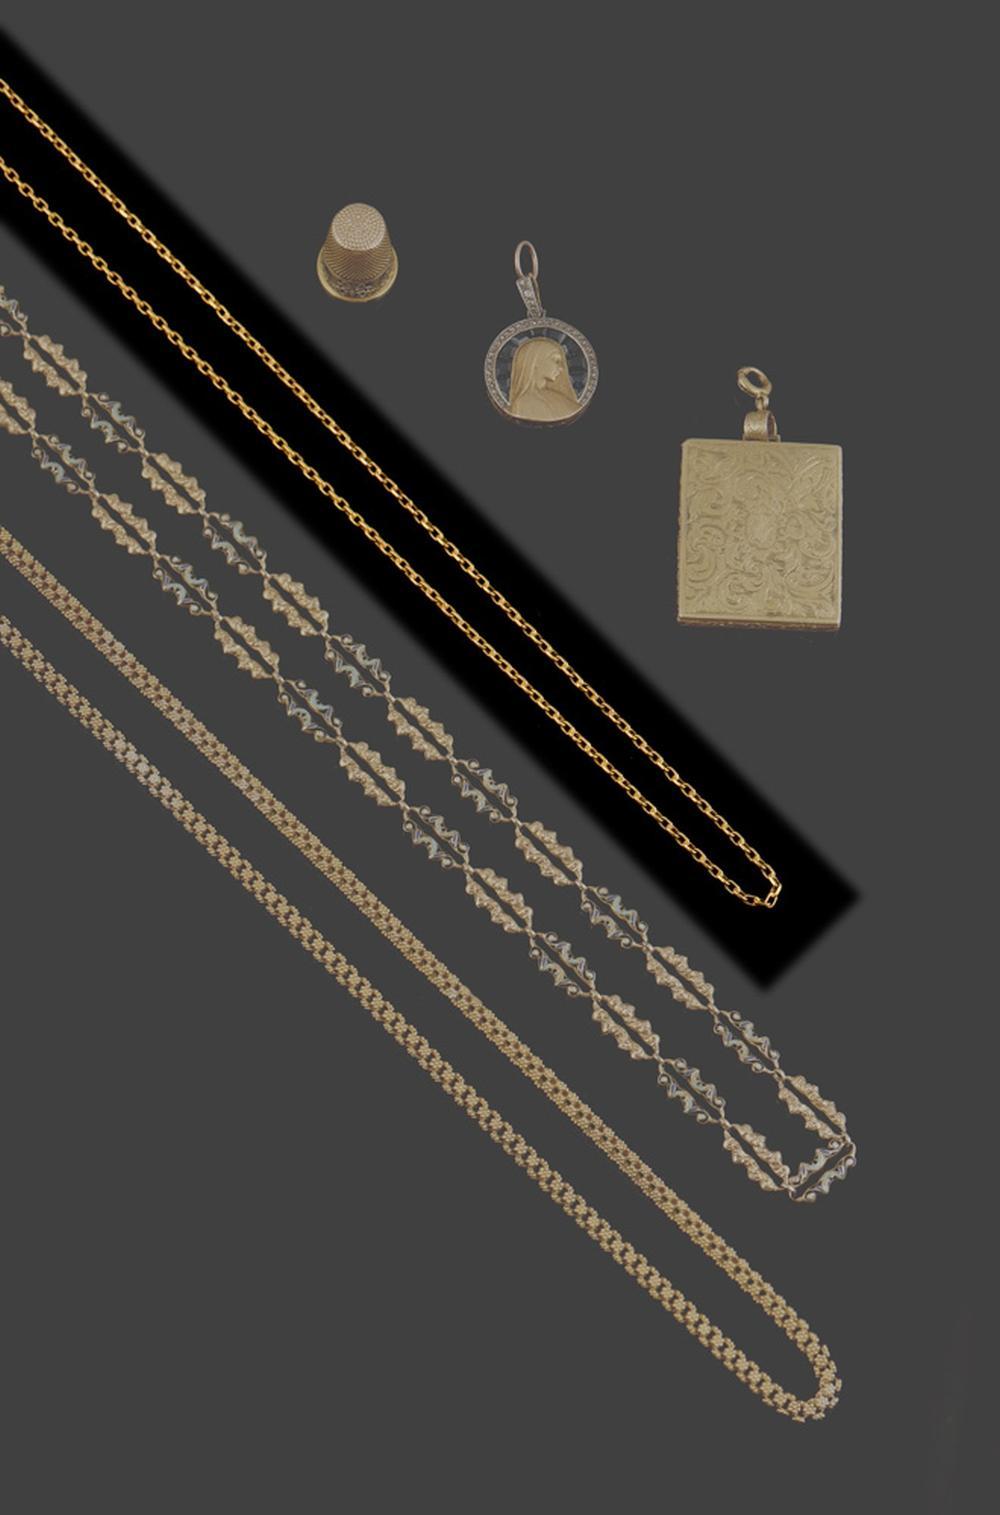 Fio em ouro de 750 ml, malha de cadeado, P.10,4g